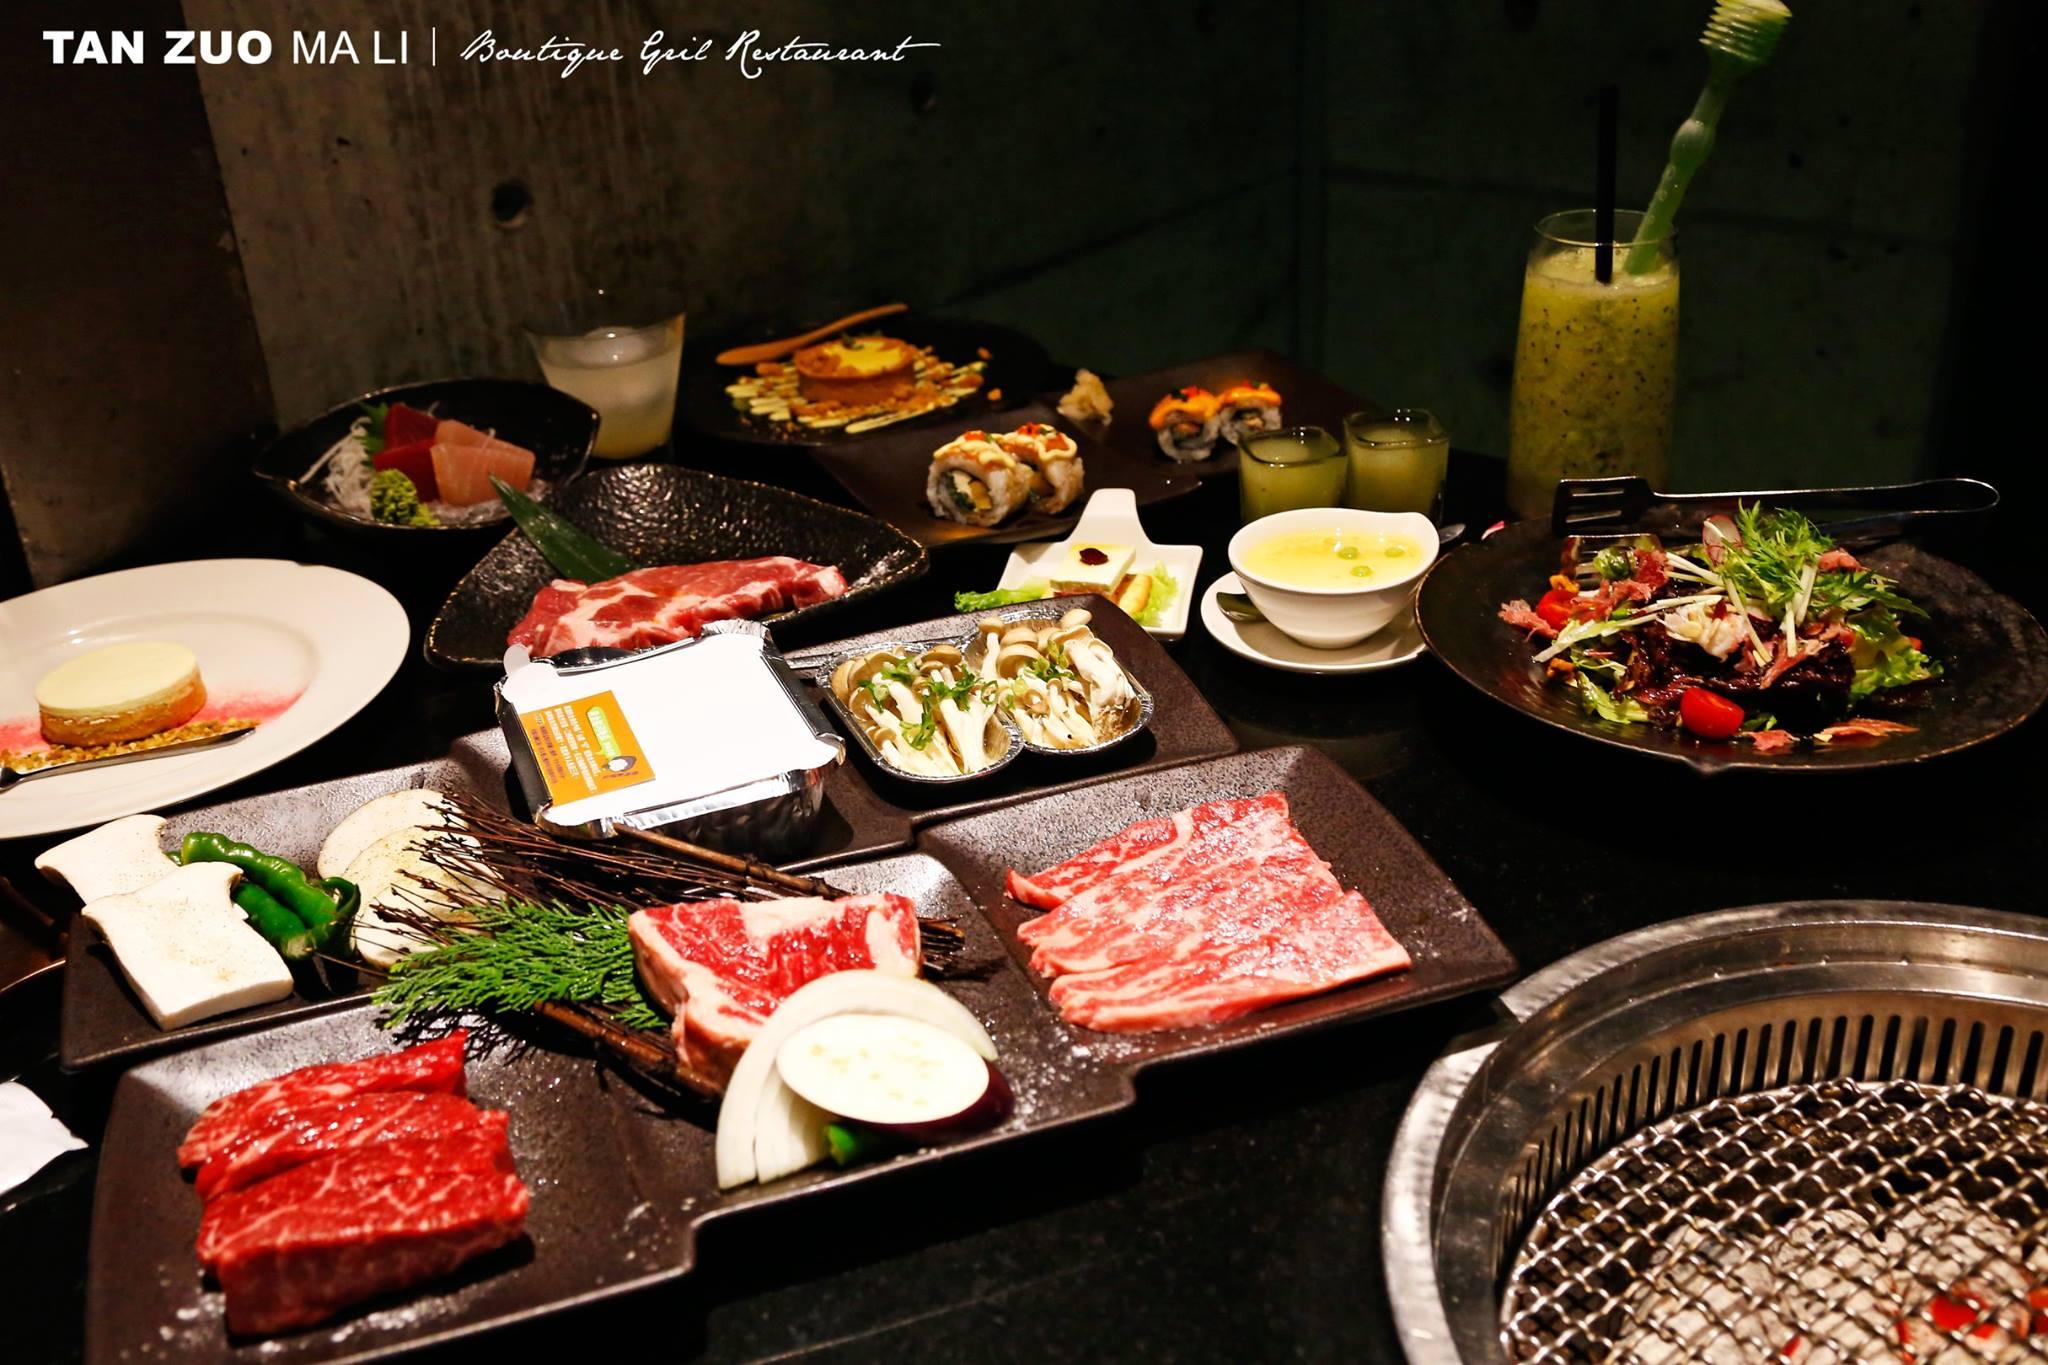 「碳佐麻里」豐盛的套餐組合。(圖片來源/碳佐麻里粉絲團)